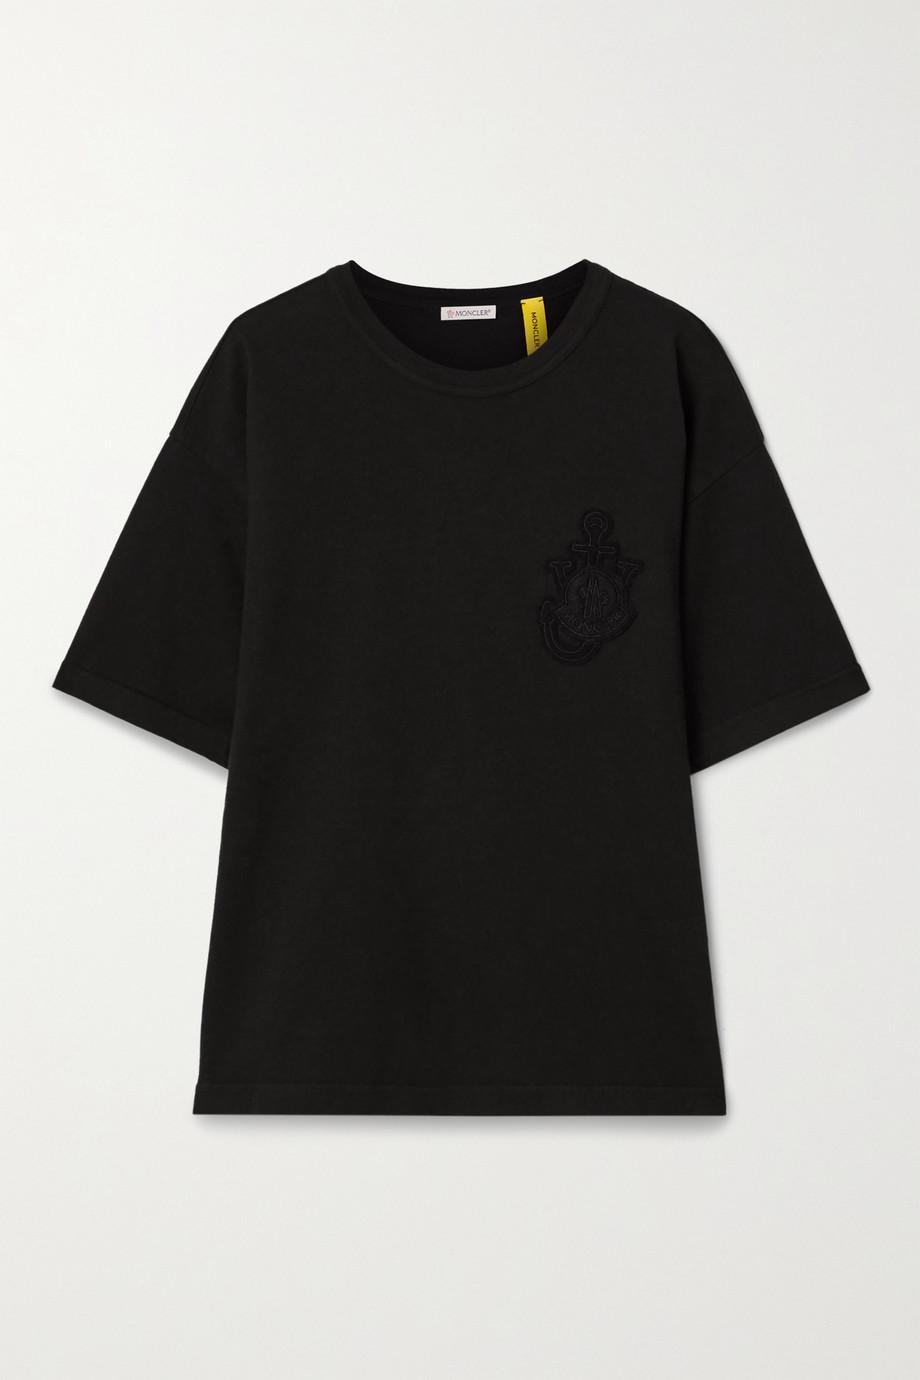 Moncler Genius + 1 JW Anderson appliquéd cotton-jersey T-shirt